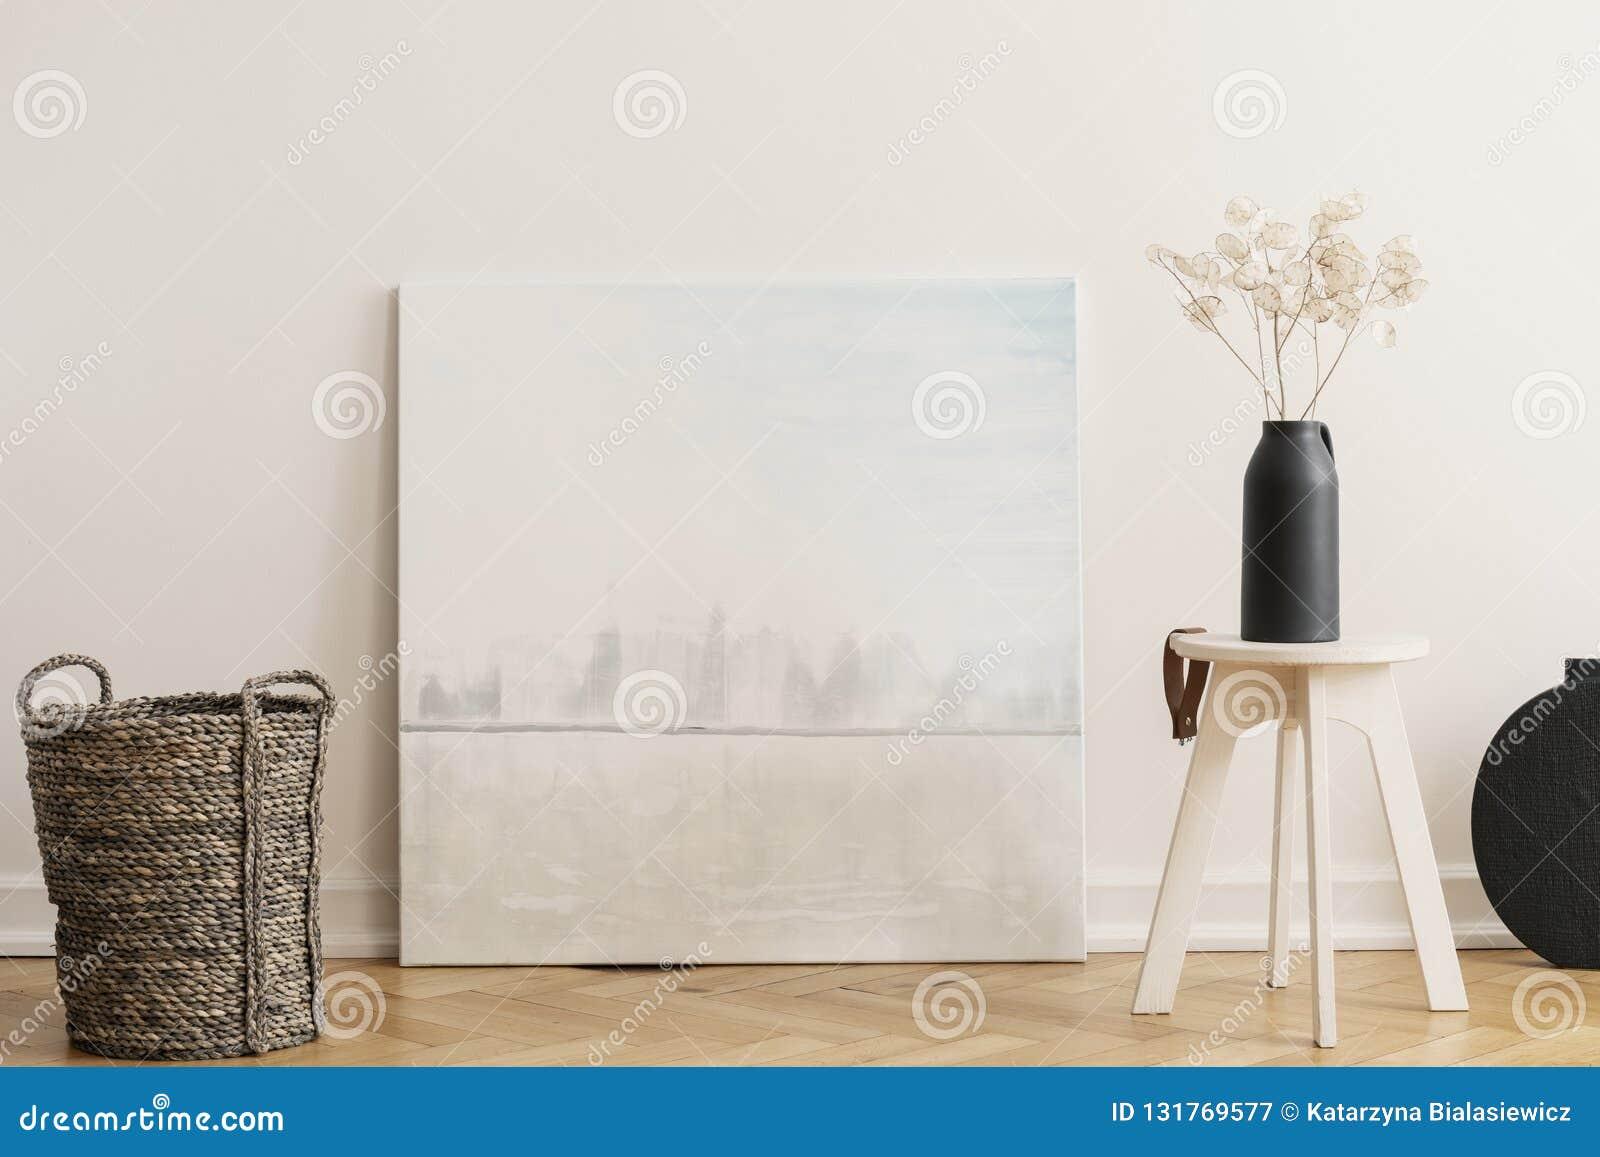 Canestro di vimini e tavola di legno con il vaso nero con i fiori, foto reale con il modello